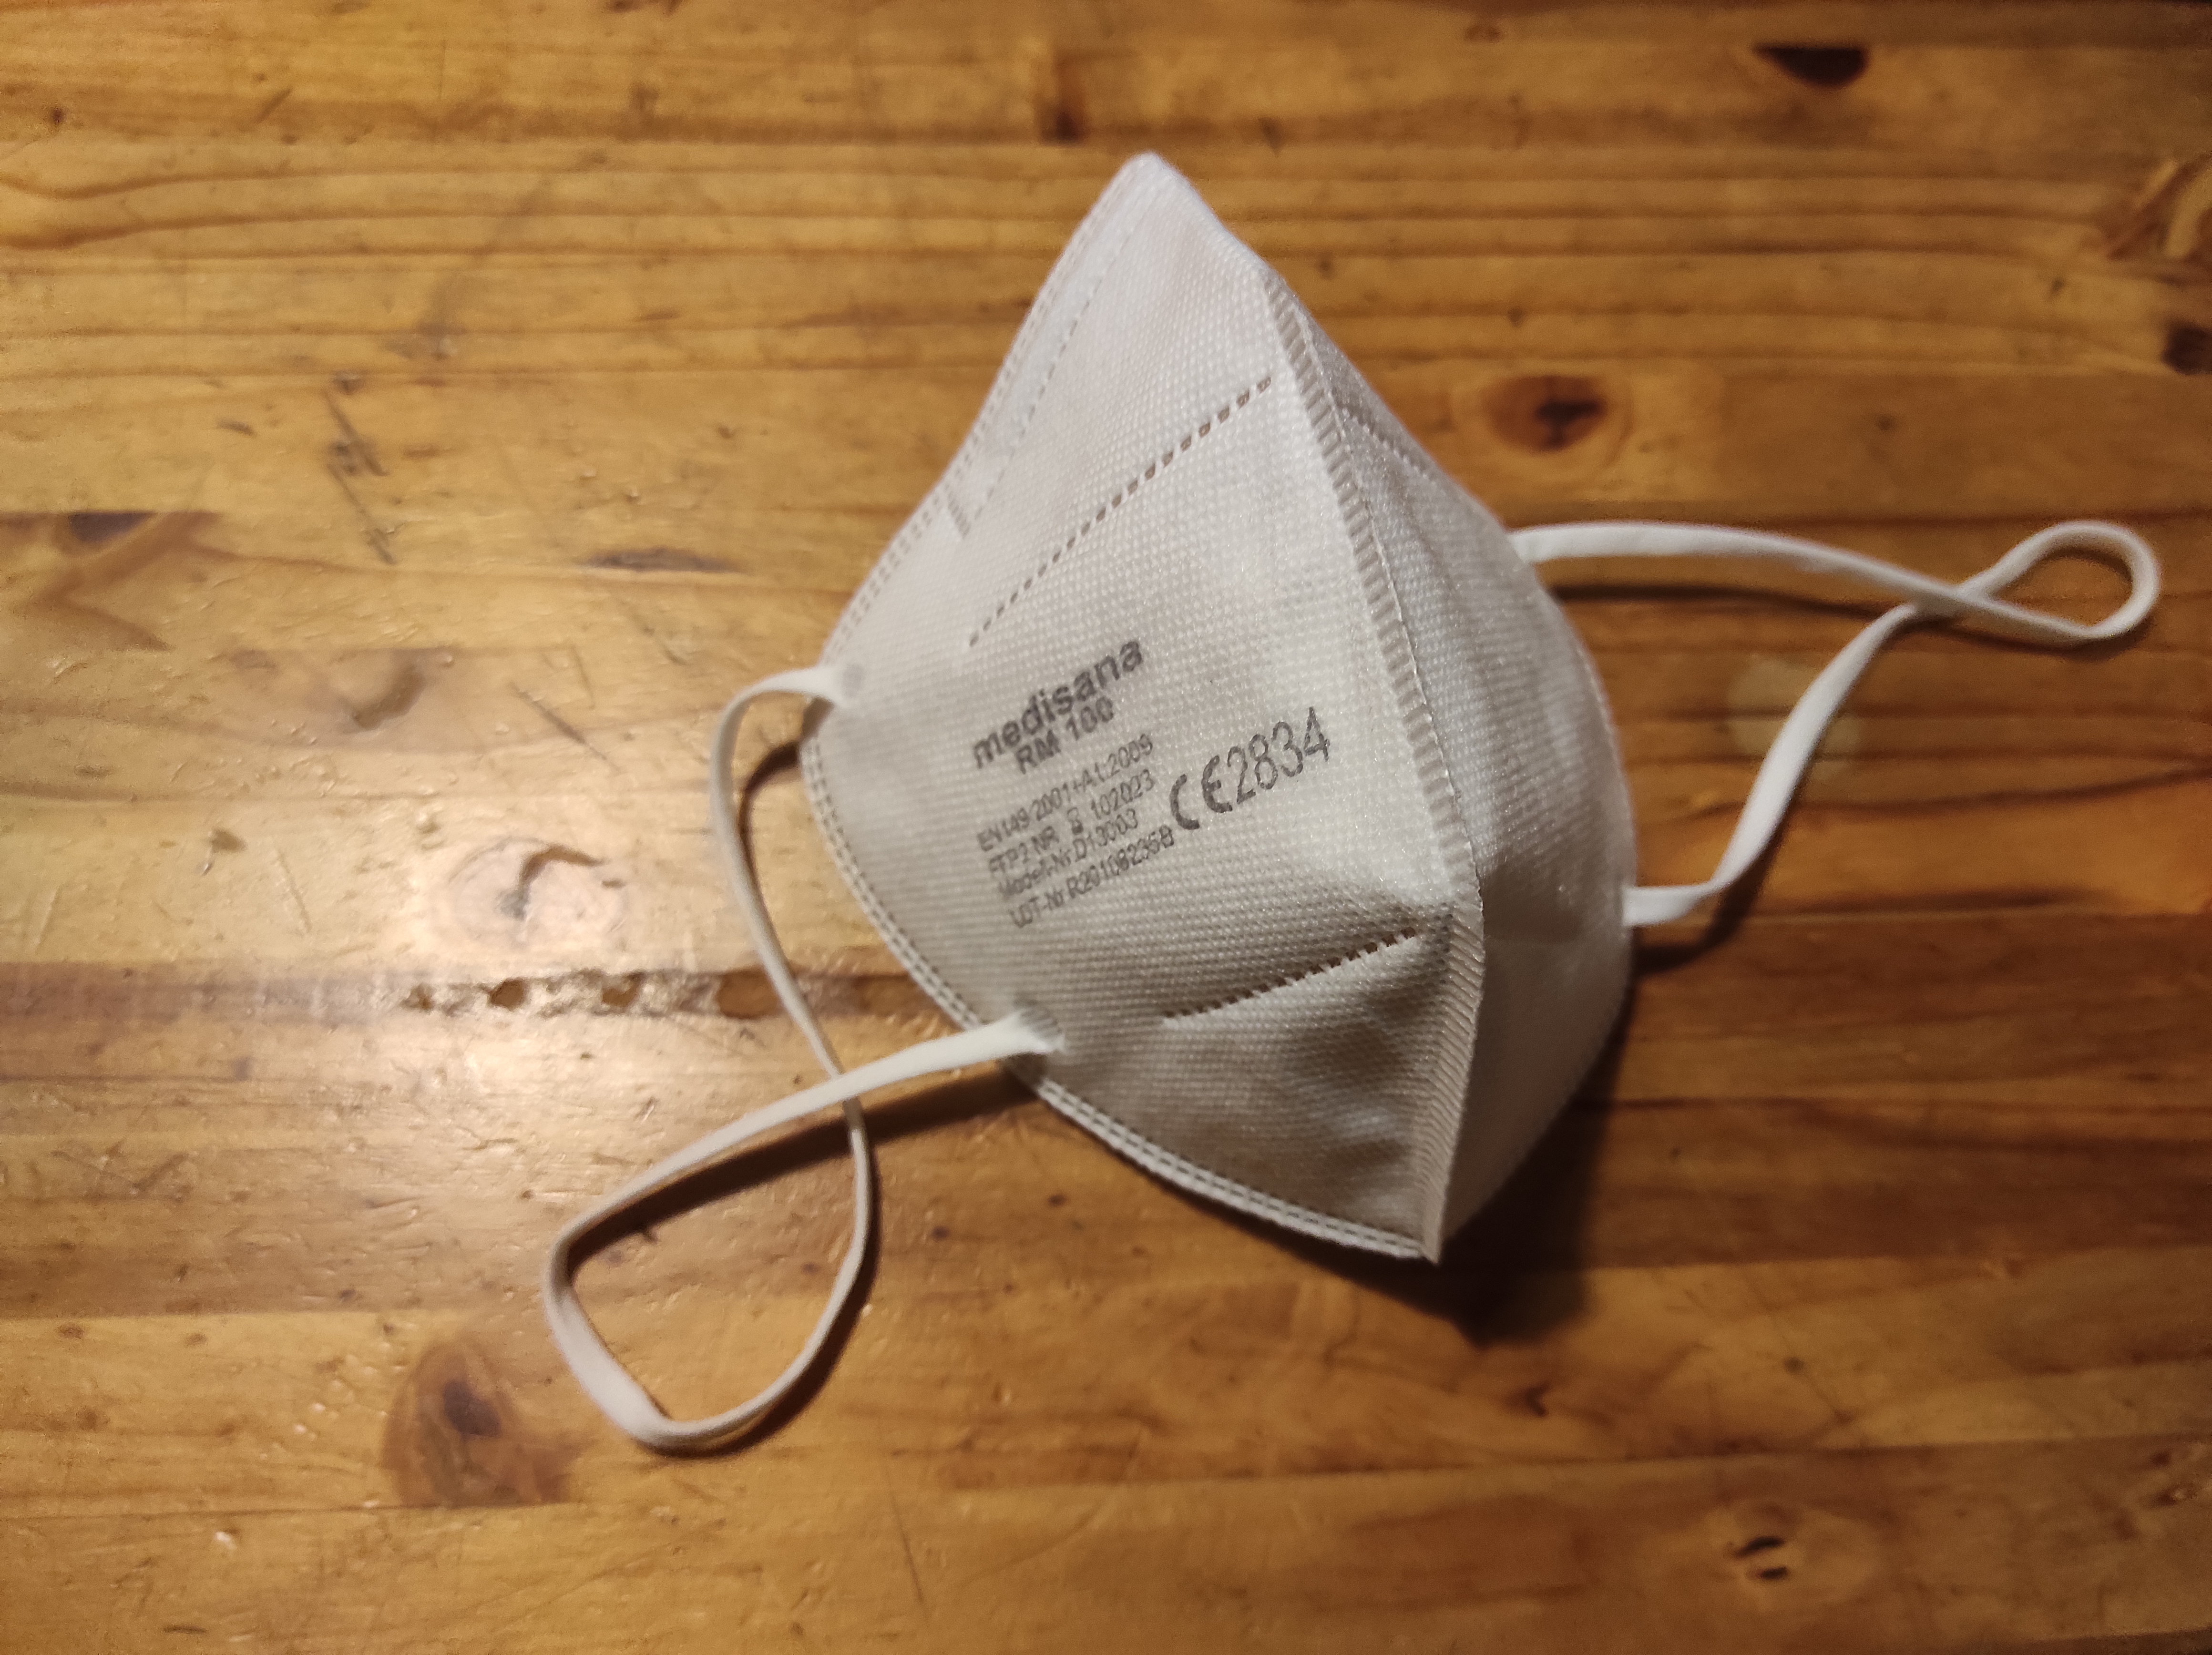 Eine ausgepackte FFP2-Maske auf einem Tisch